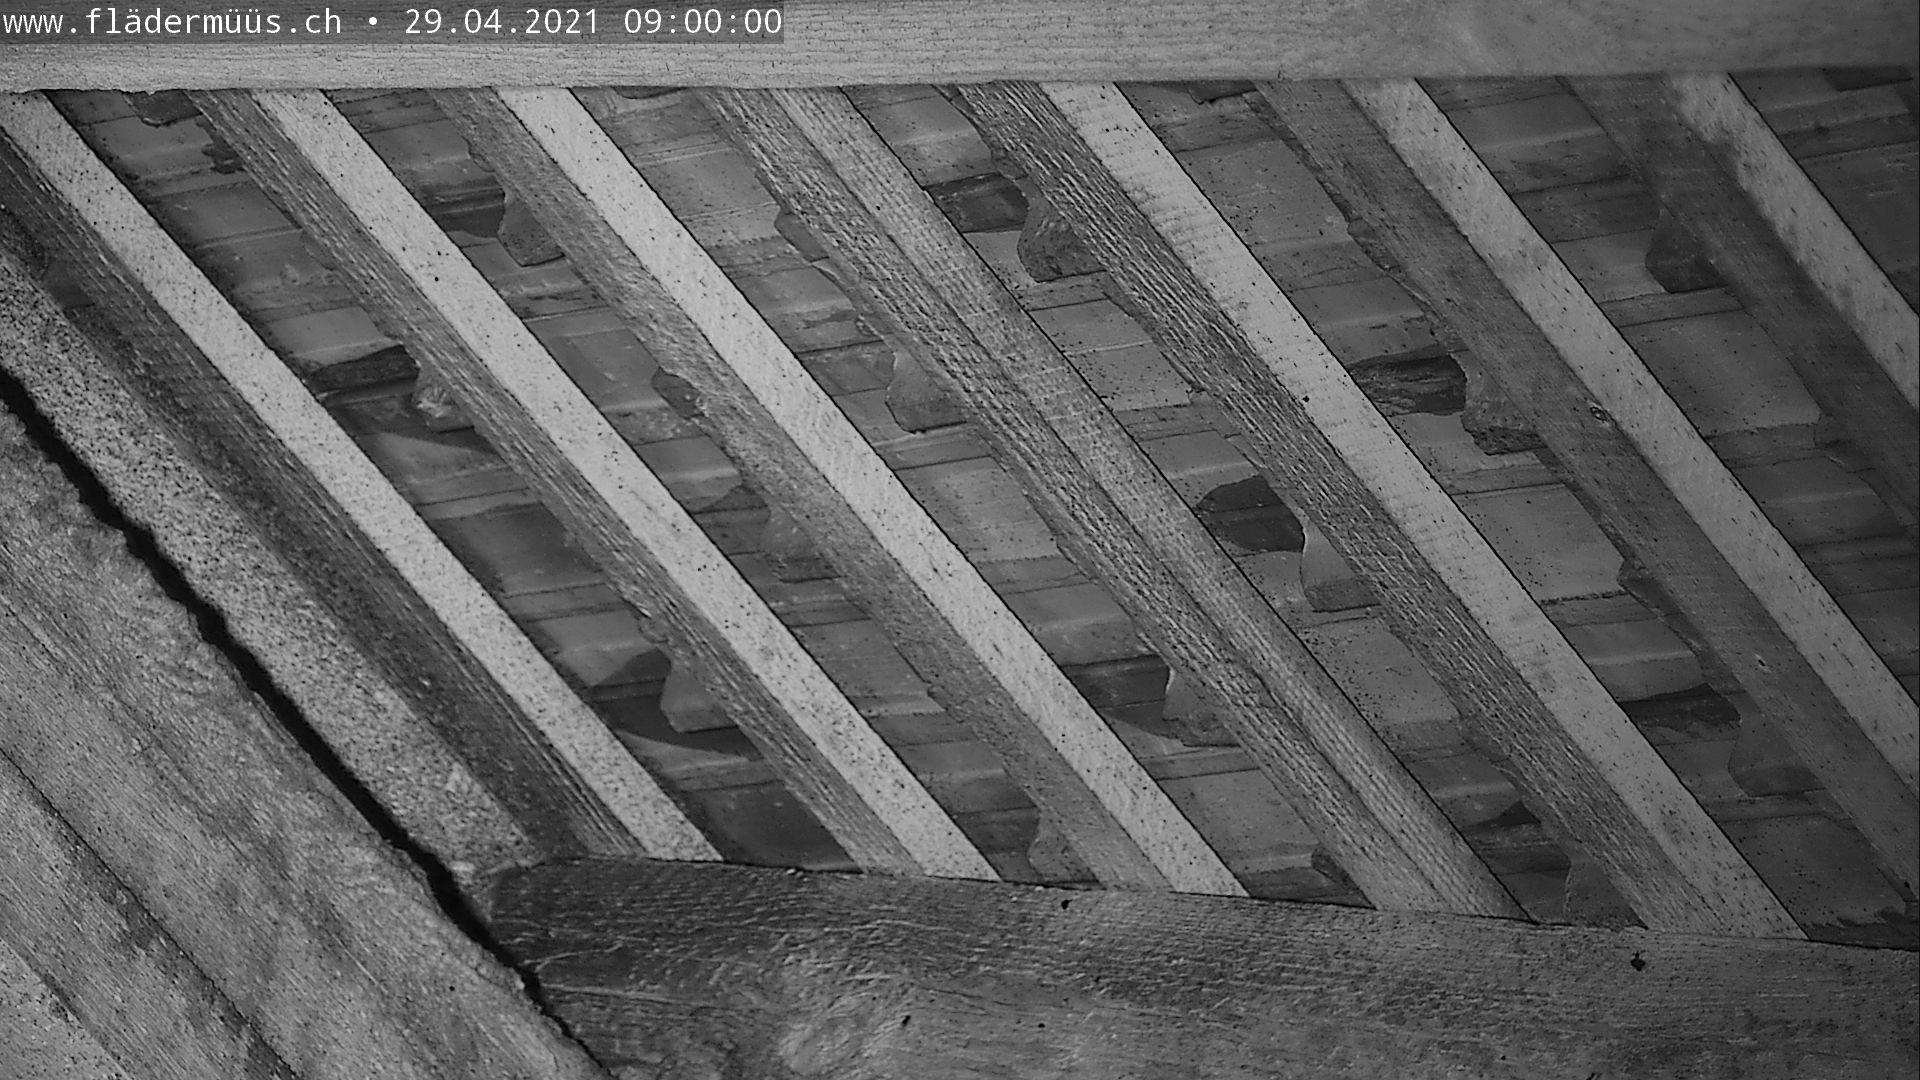 Bild aus der Mausohrwochenstube in Beggingen tagesaktuell 9 Uhr morgens